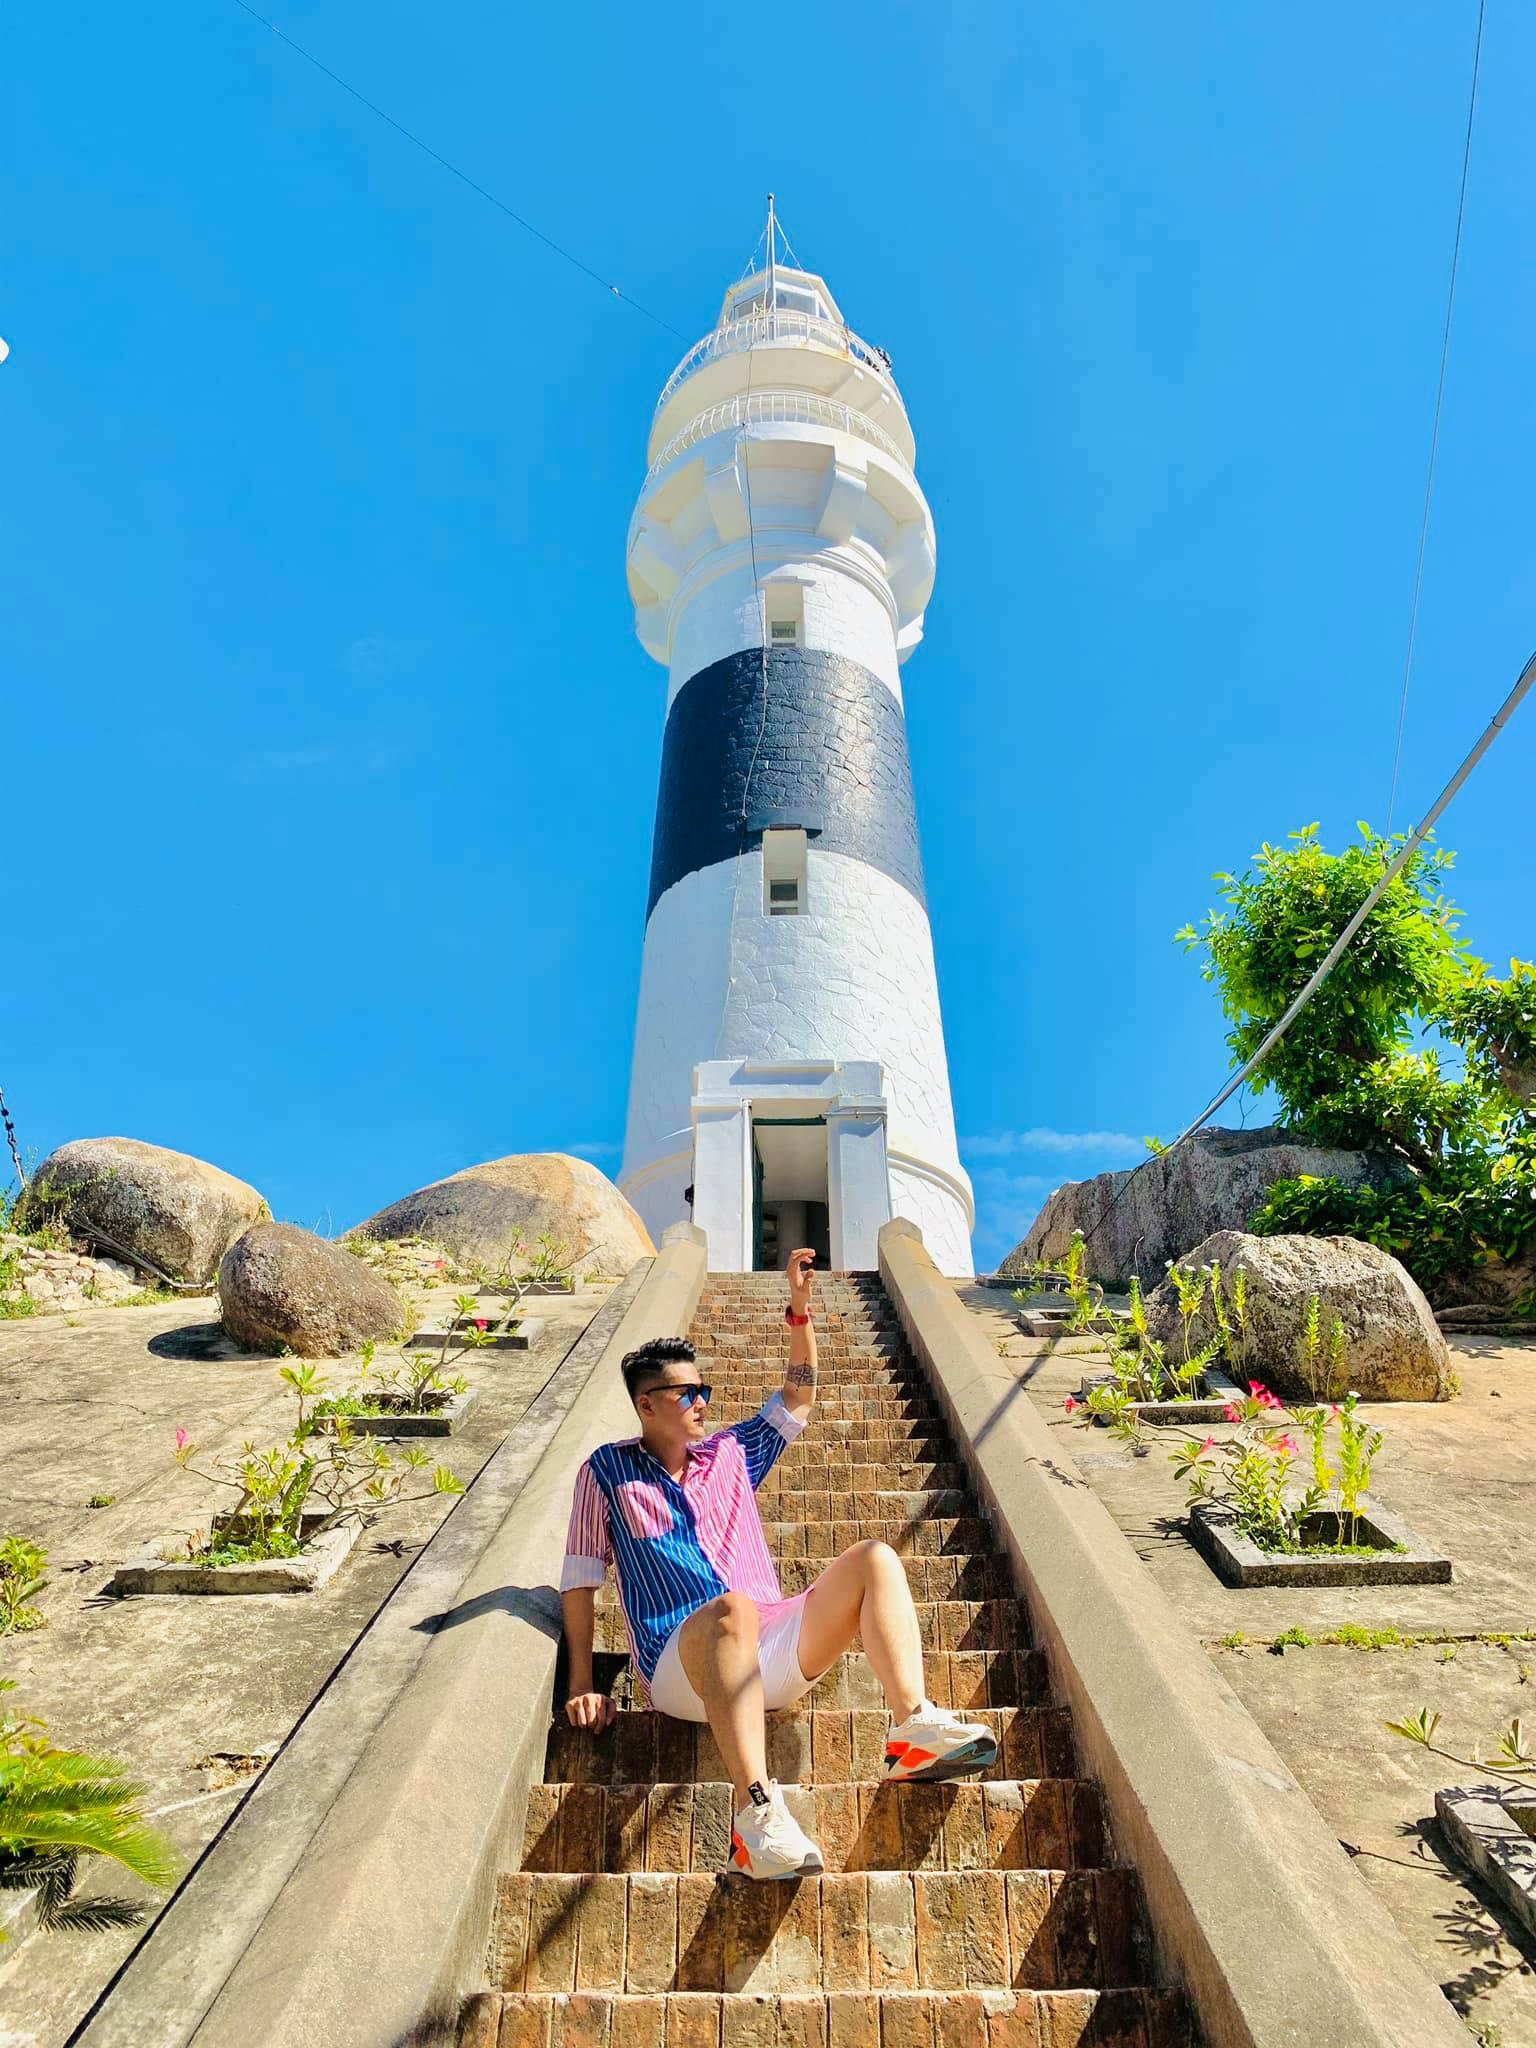 Du lịch Cù Lao Xanh Quy Nhơn - Khám phá 'đường đi nước bước' chi tiết trong mùa hè này - Ảnh 12.